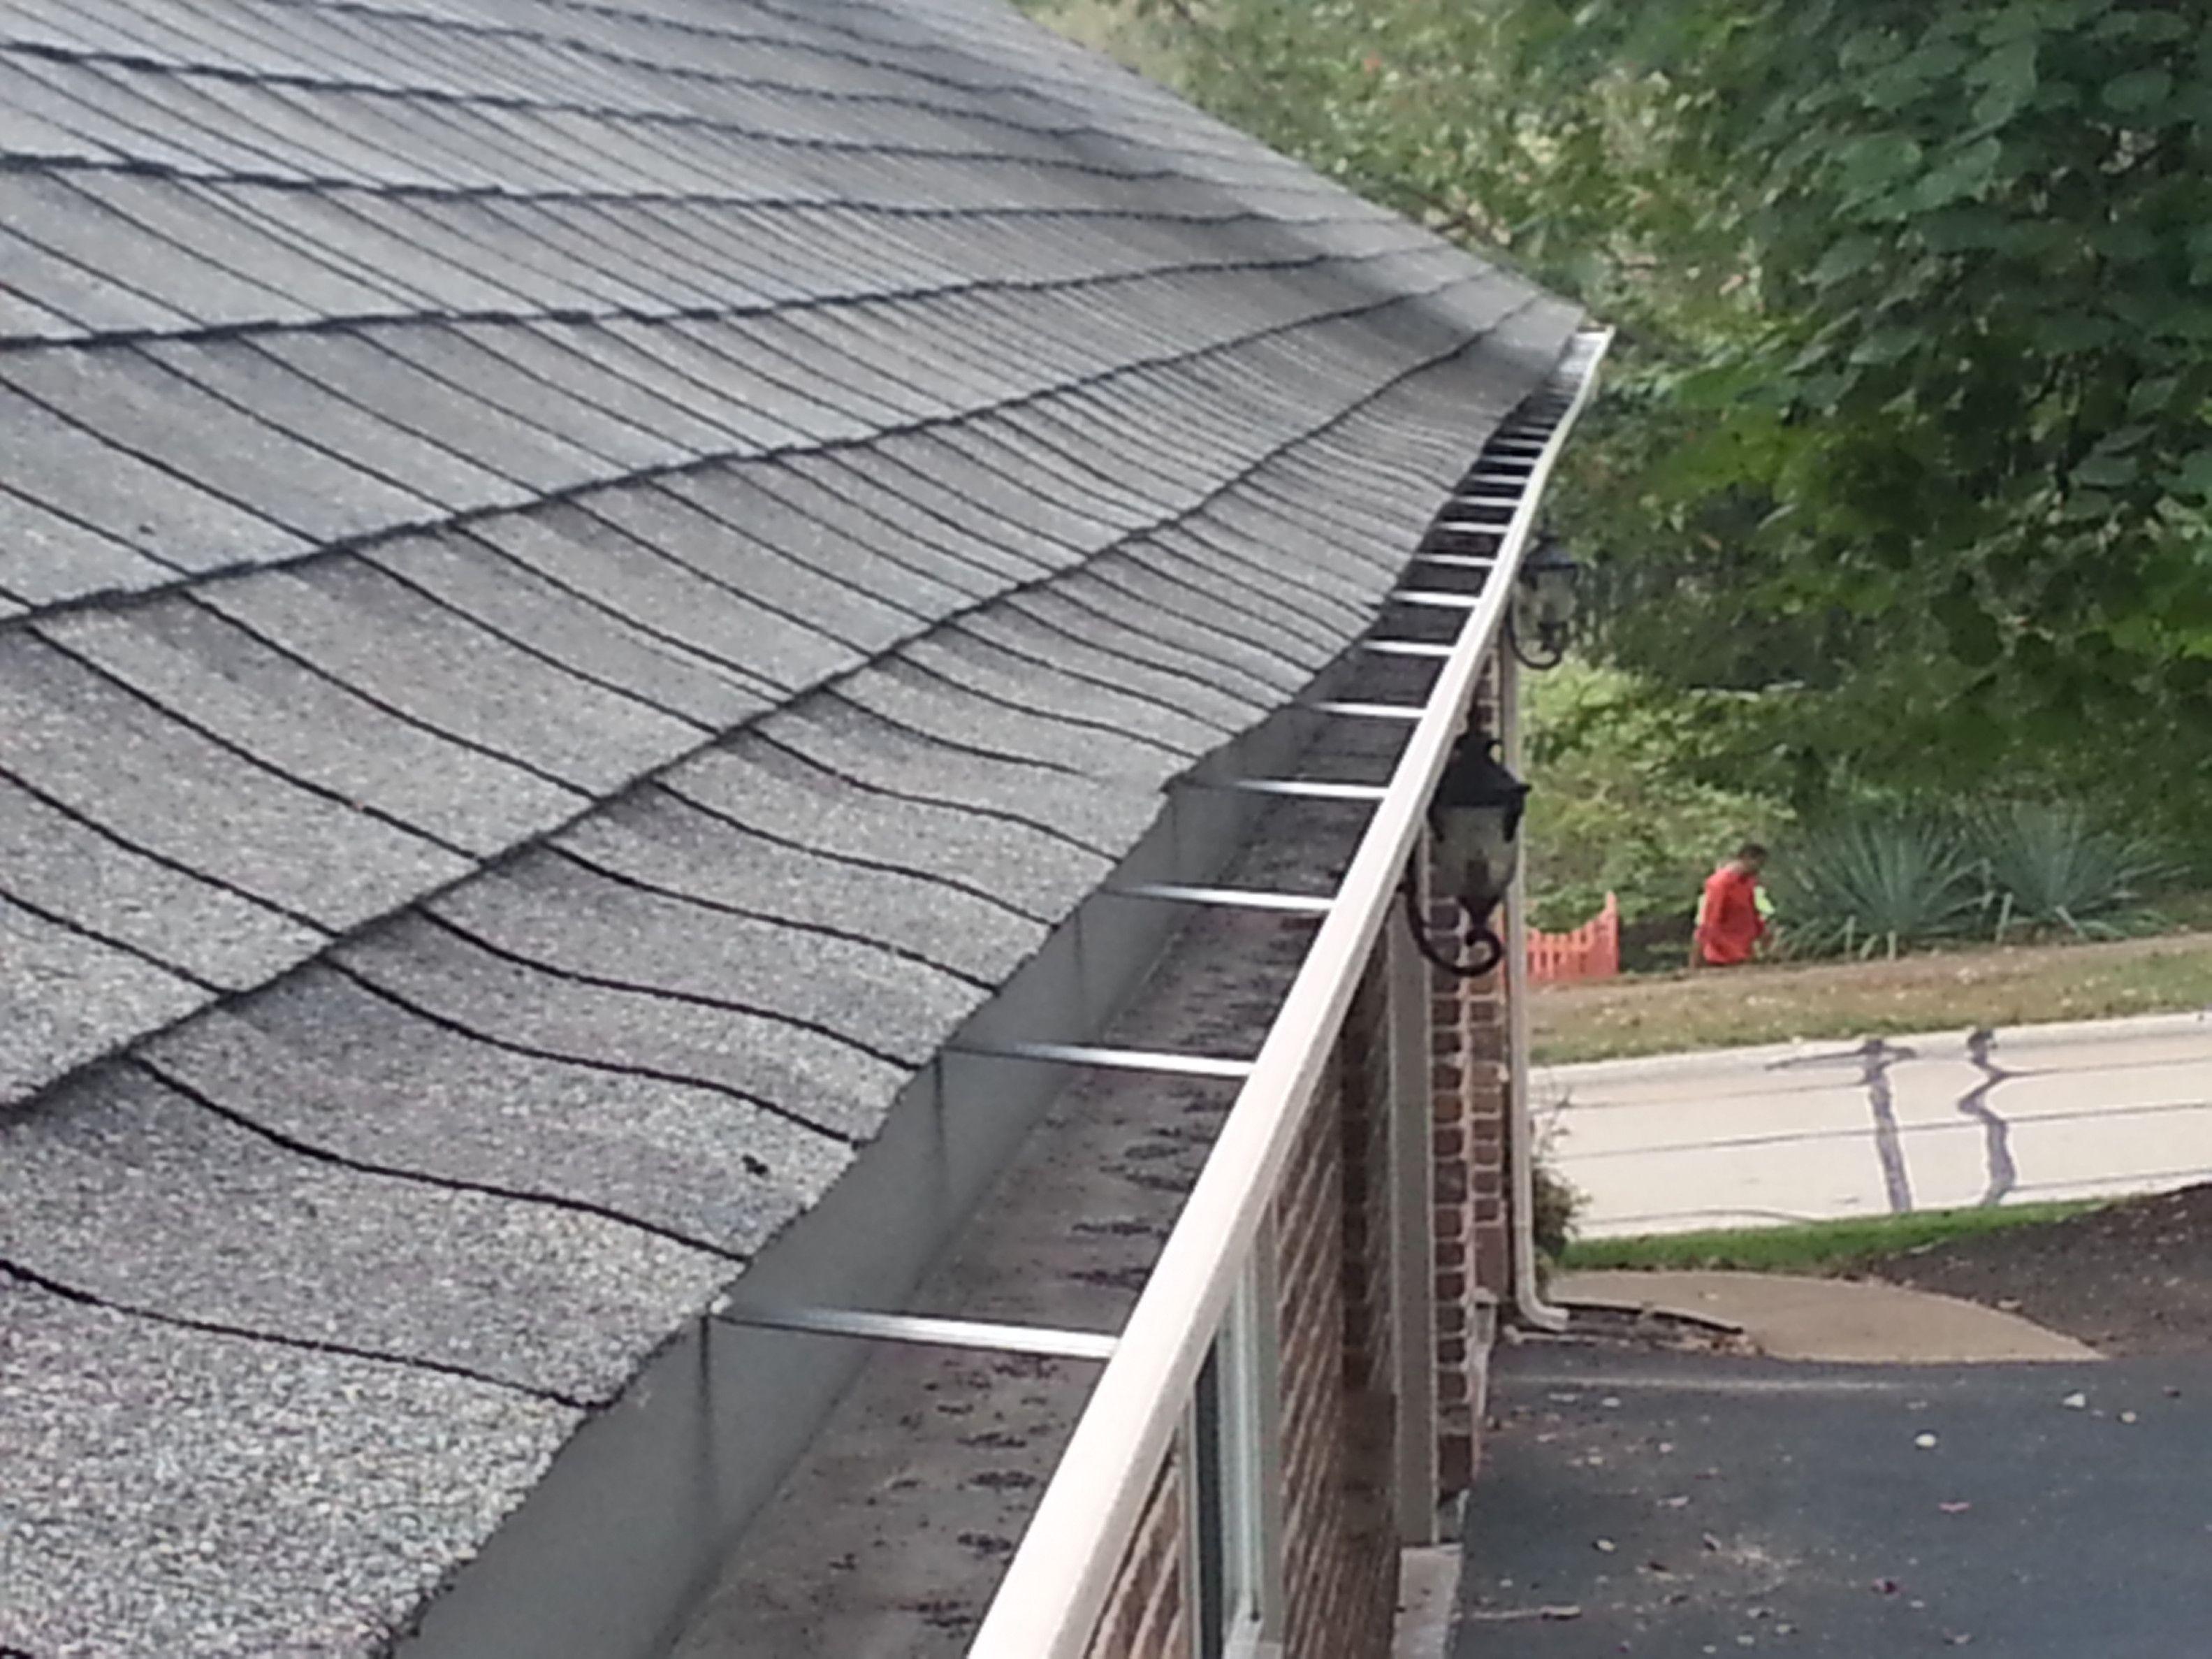 Five Various Ways To Do Hip Roof Ridge Vent Hip Roof Ridge Vent Hip Roof Ridge Vent House Design